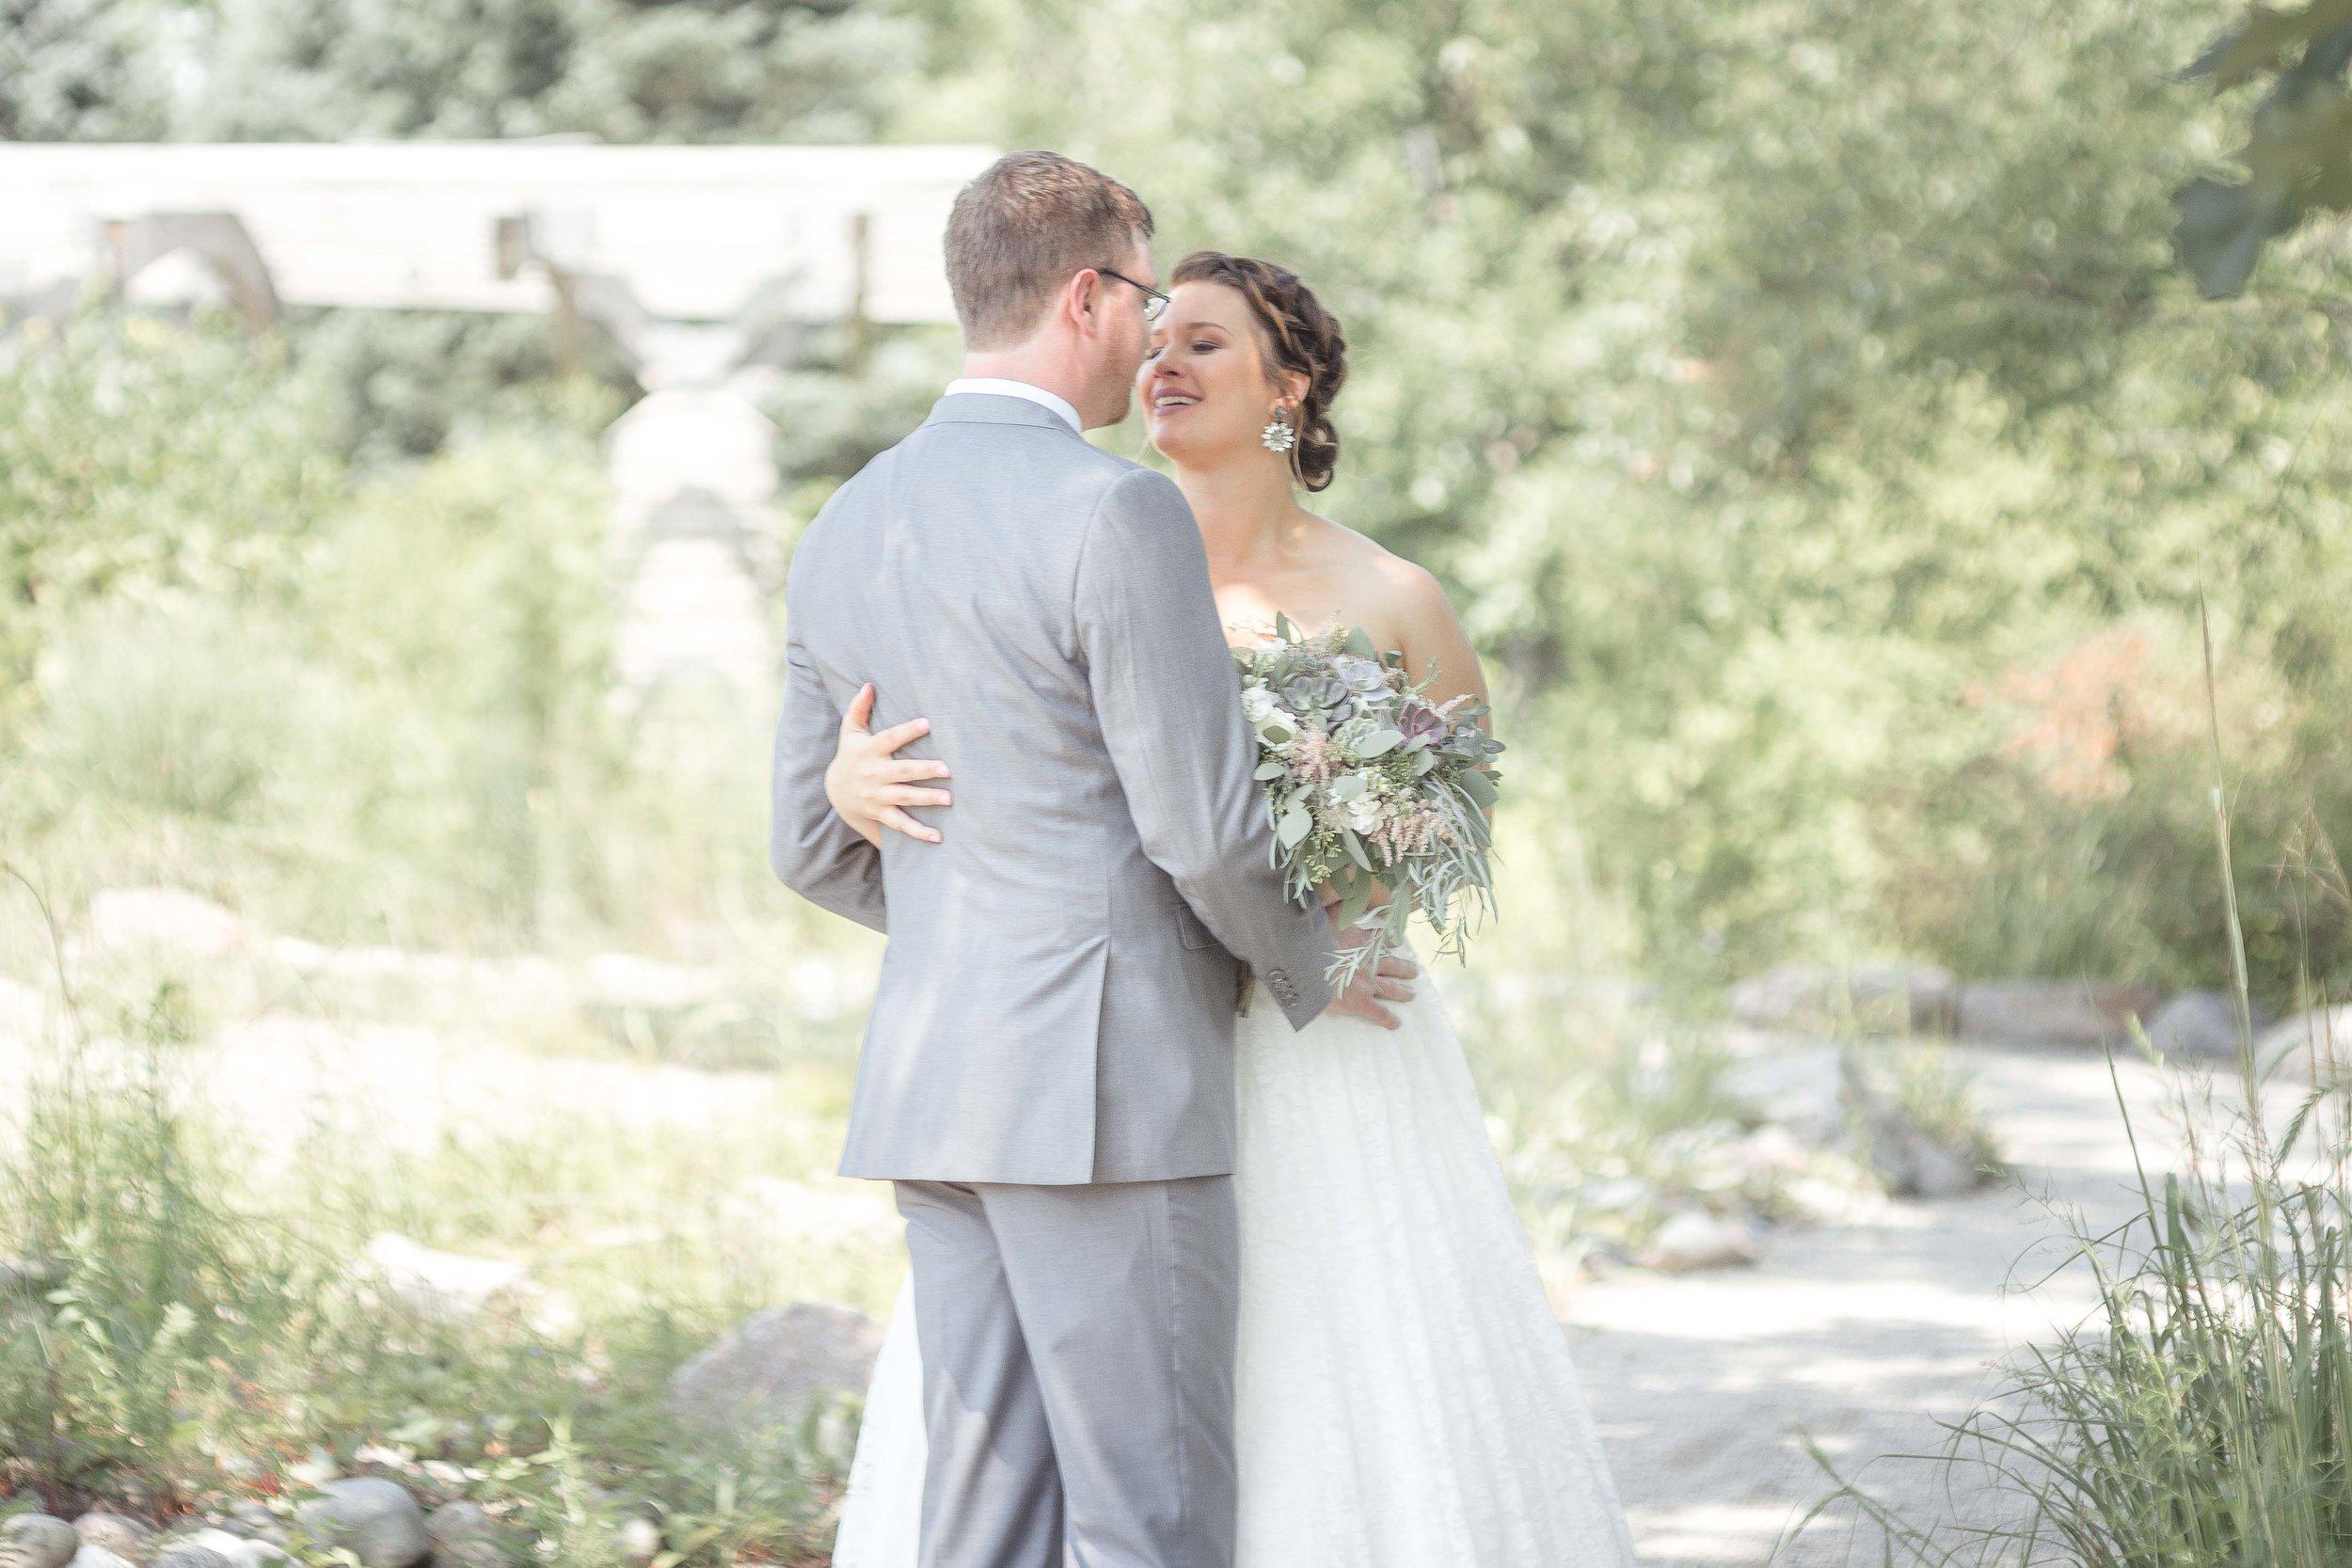 C_Wedding_Sarver, Alyssa & Scott_08.04.18-92.jpg